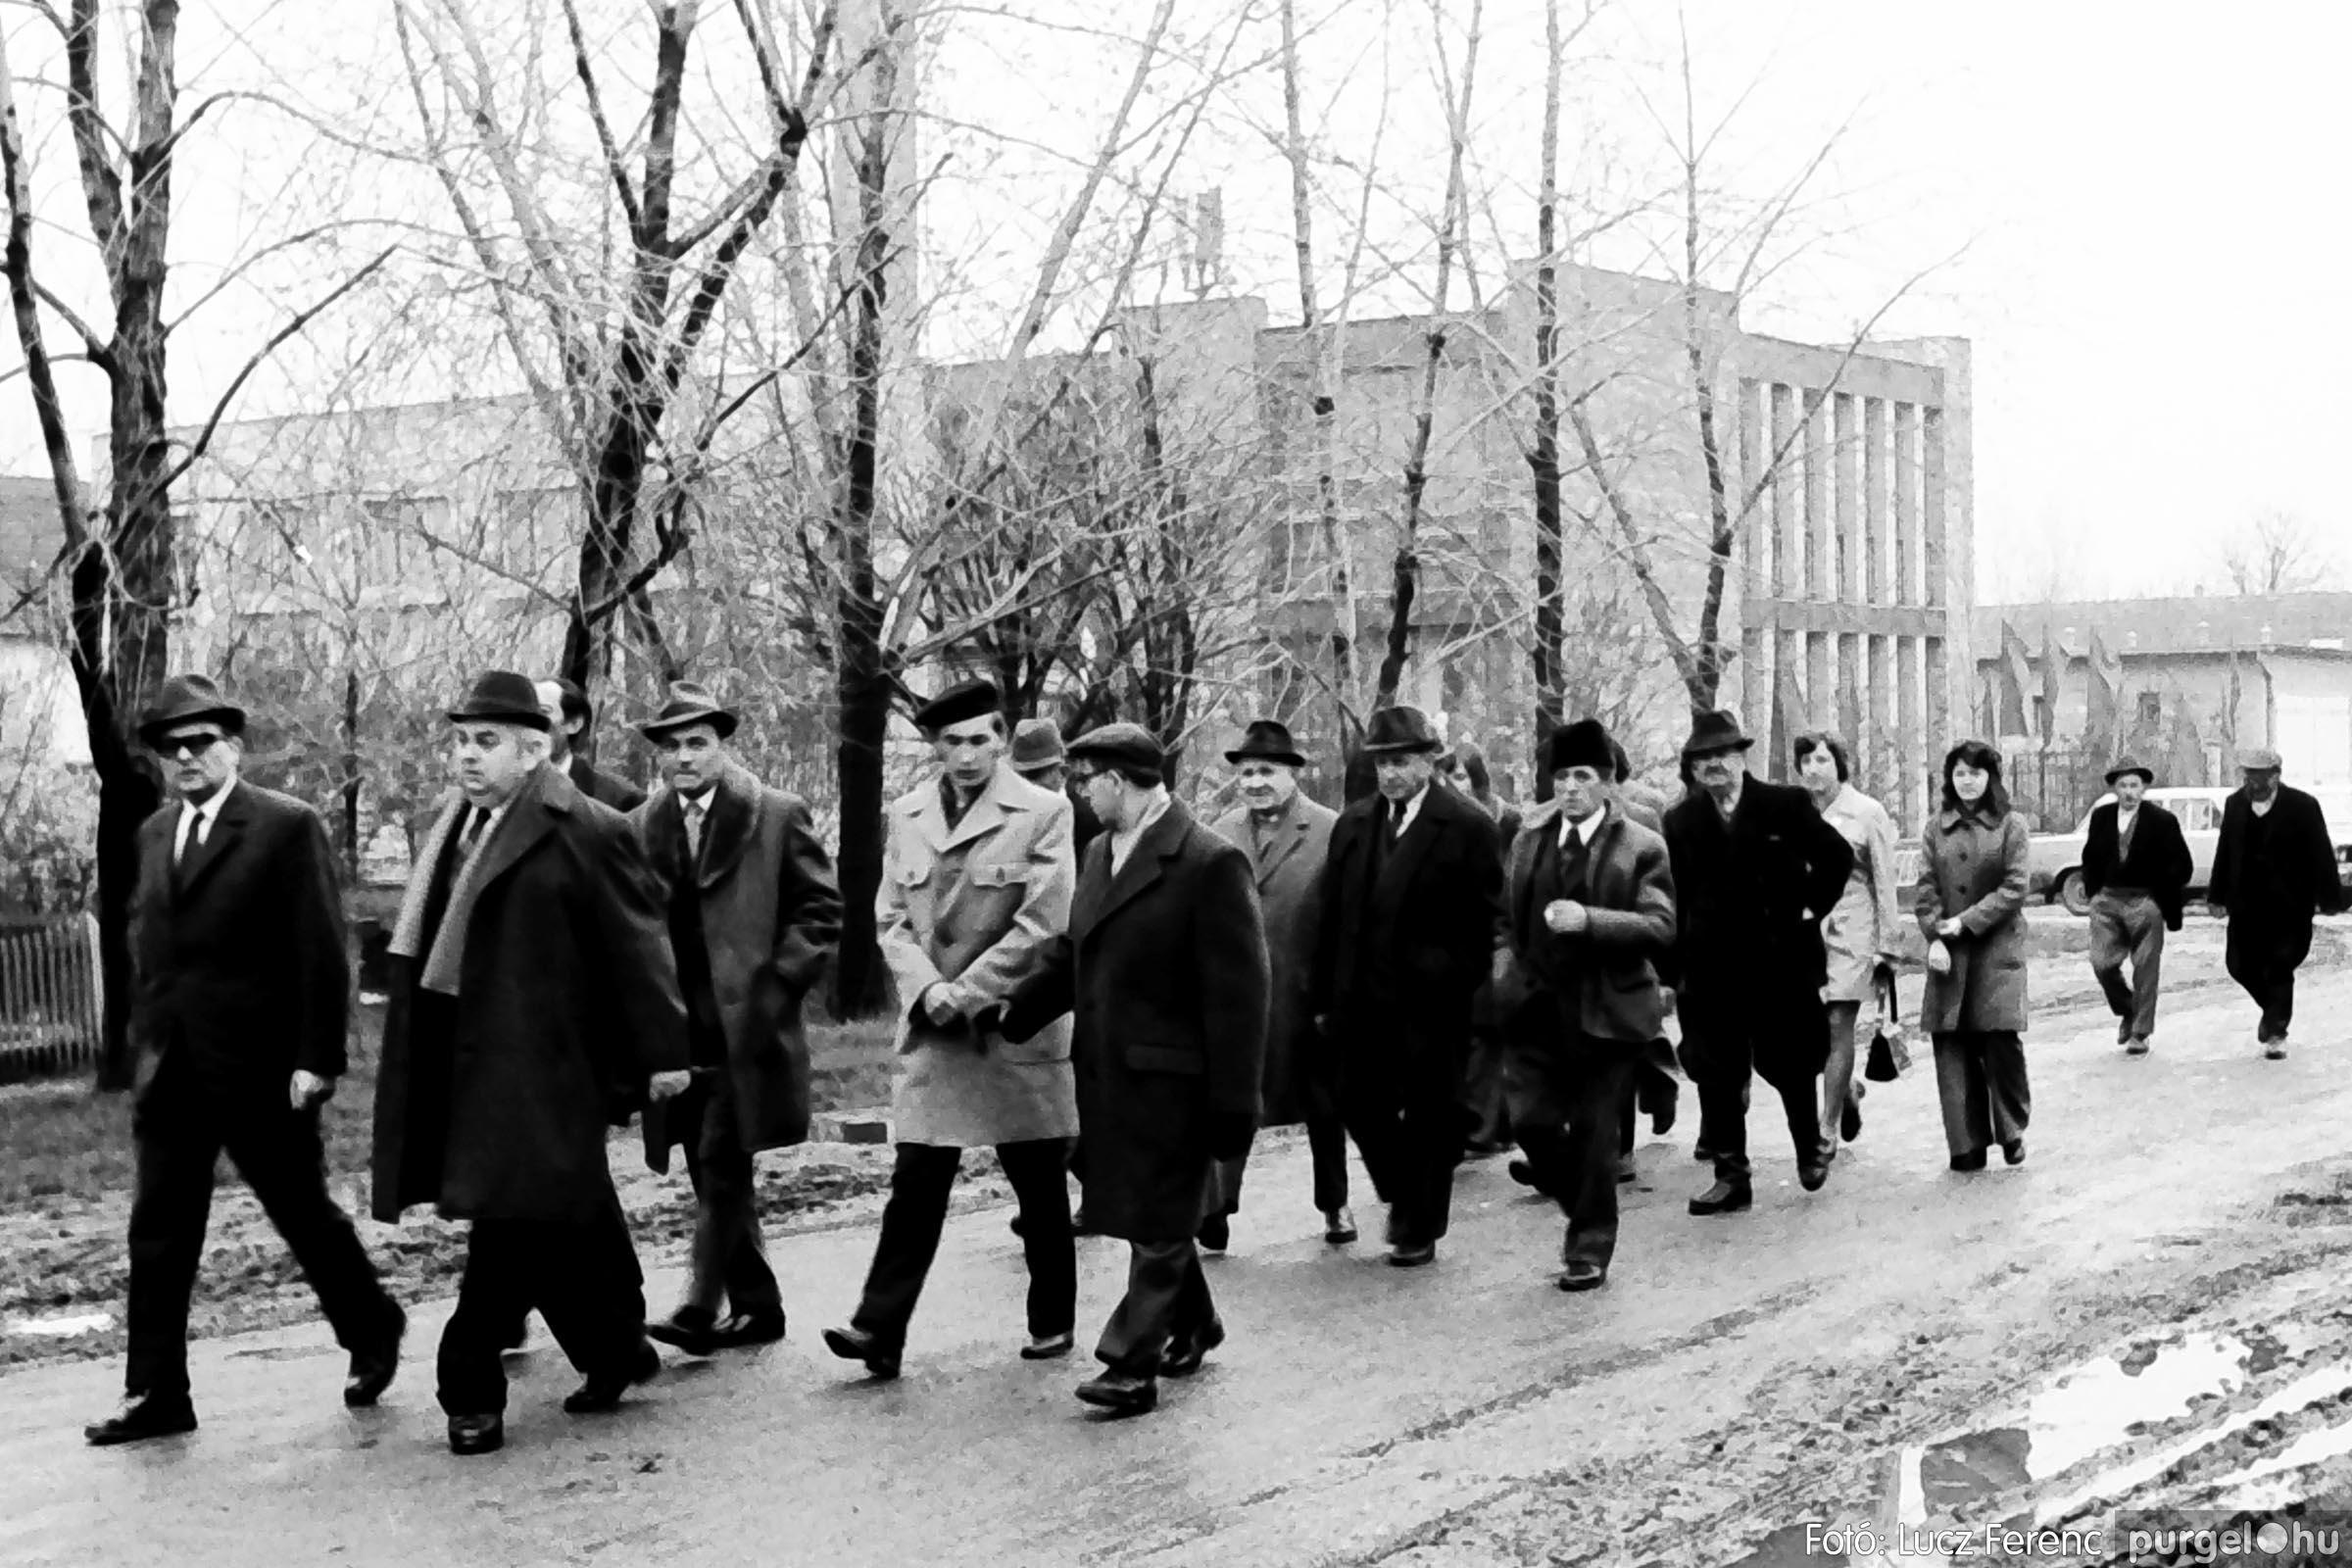 008 1975.04.04. Április 4-i ünnepség 015 - Fotó: Lucz Ferenc IMG00138q.jpg